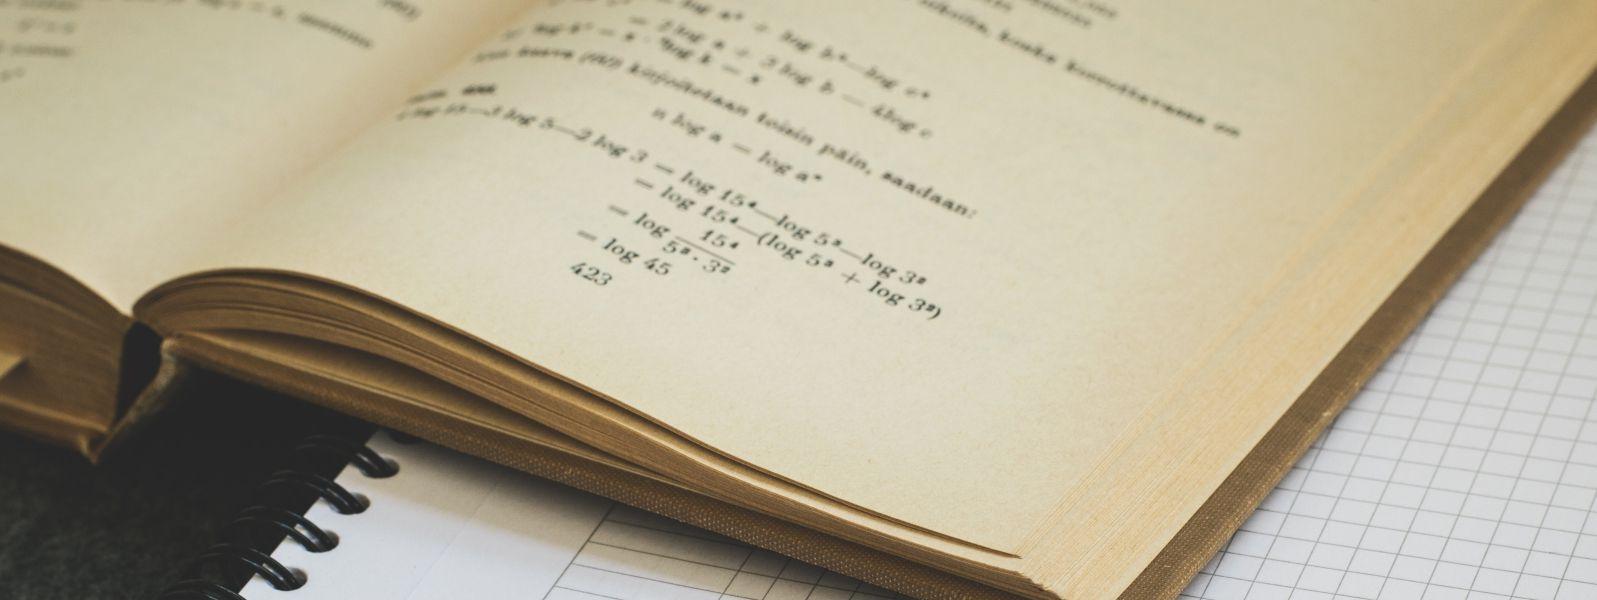 Ingangsexamen wiskunde boek